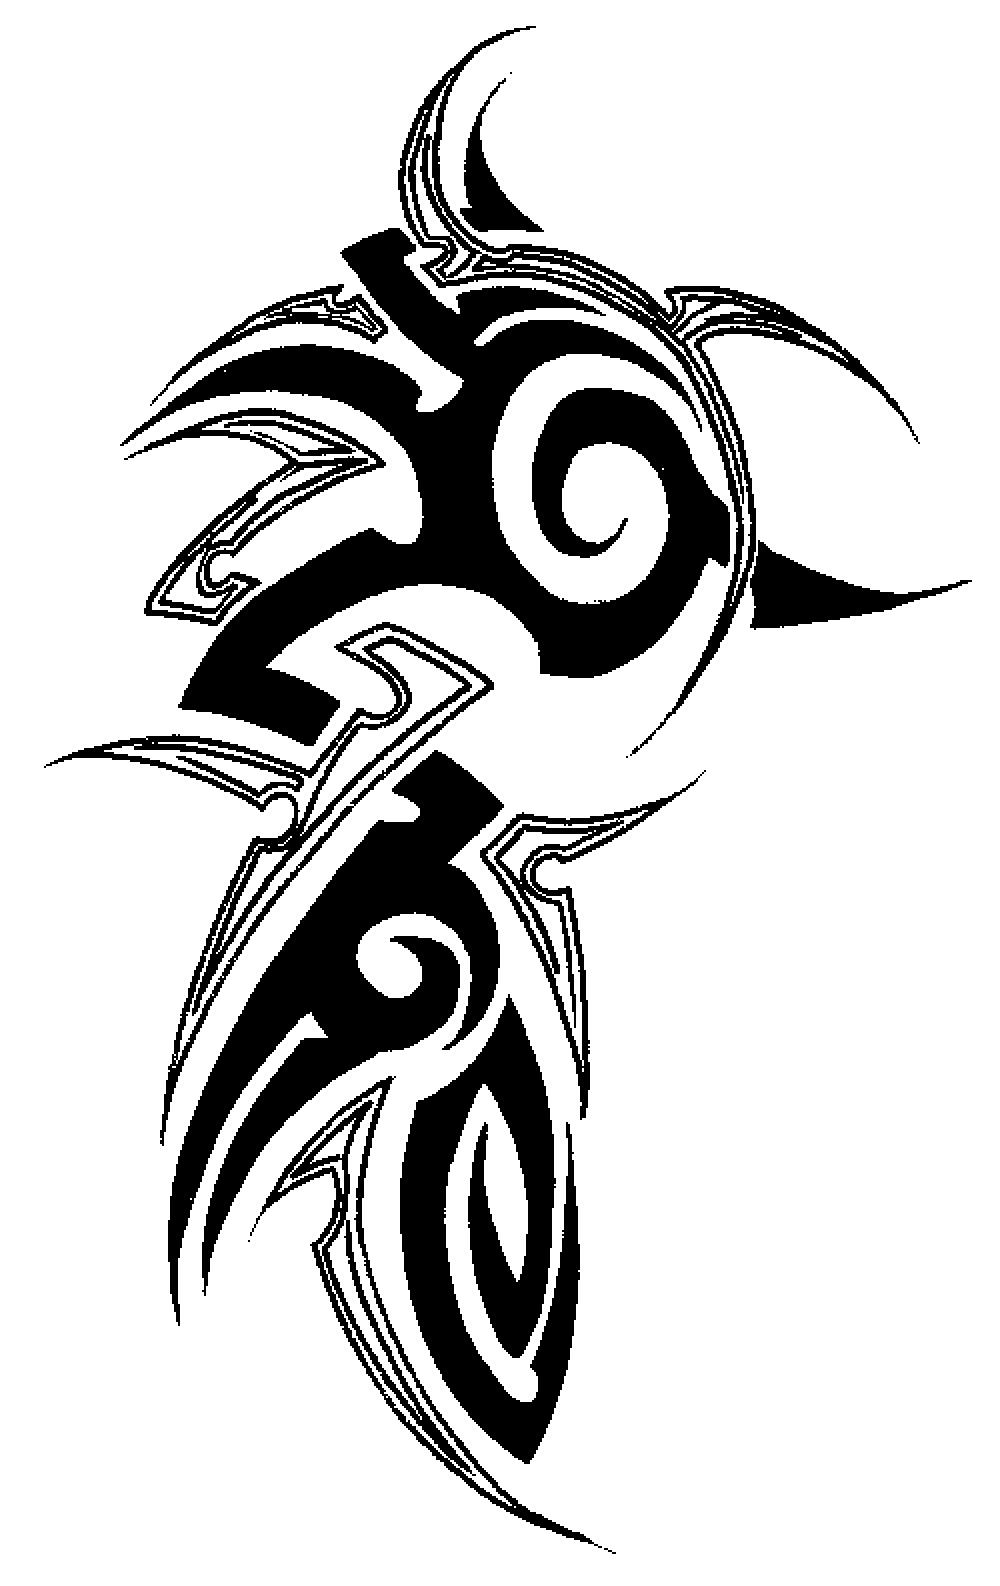 Deviant Art Search Tribal Tattoos Tattoo Designs Men Tribal Sleeve Tattoos